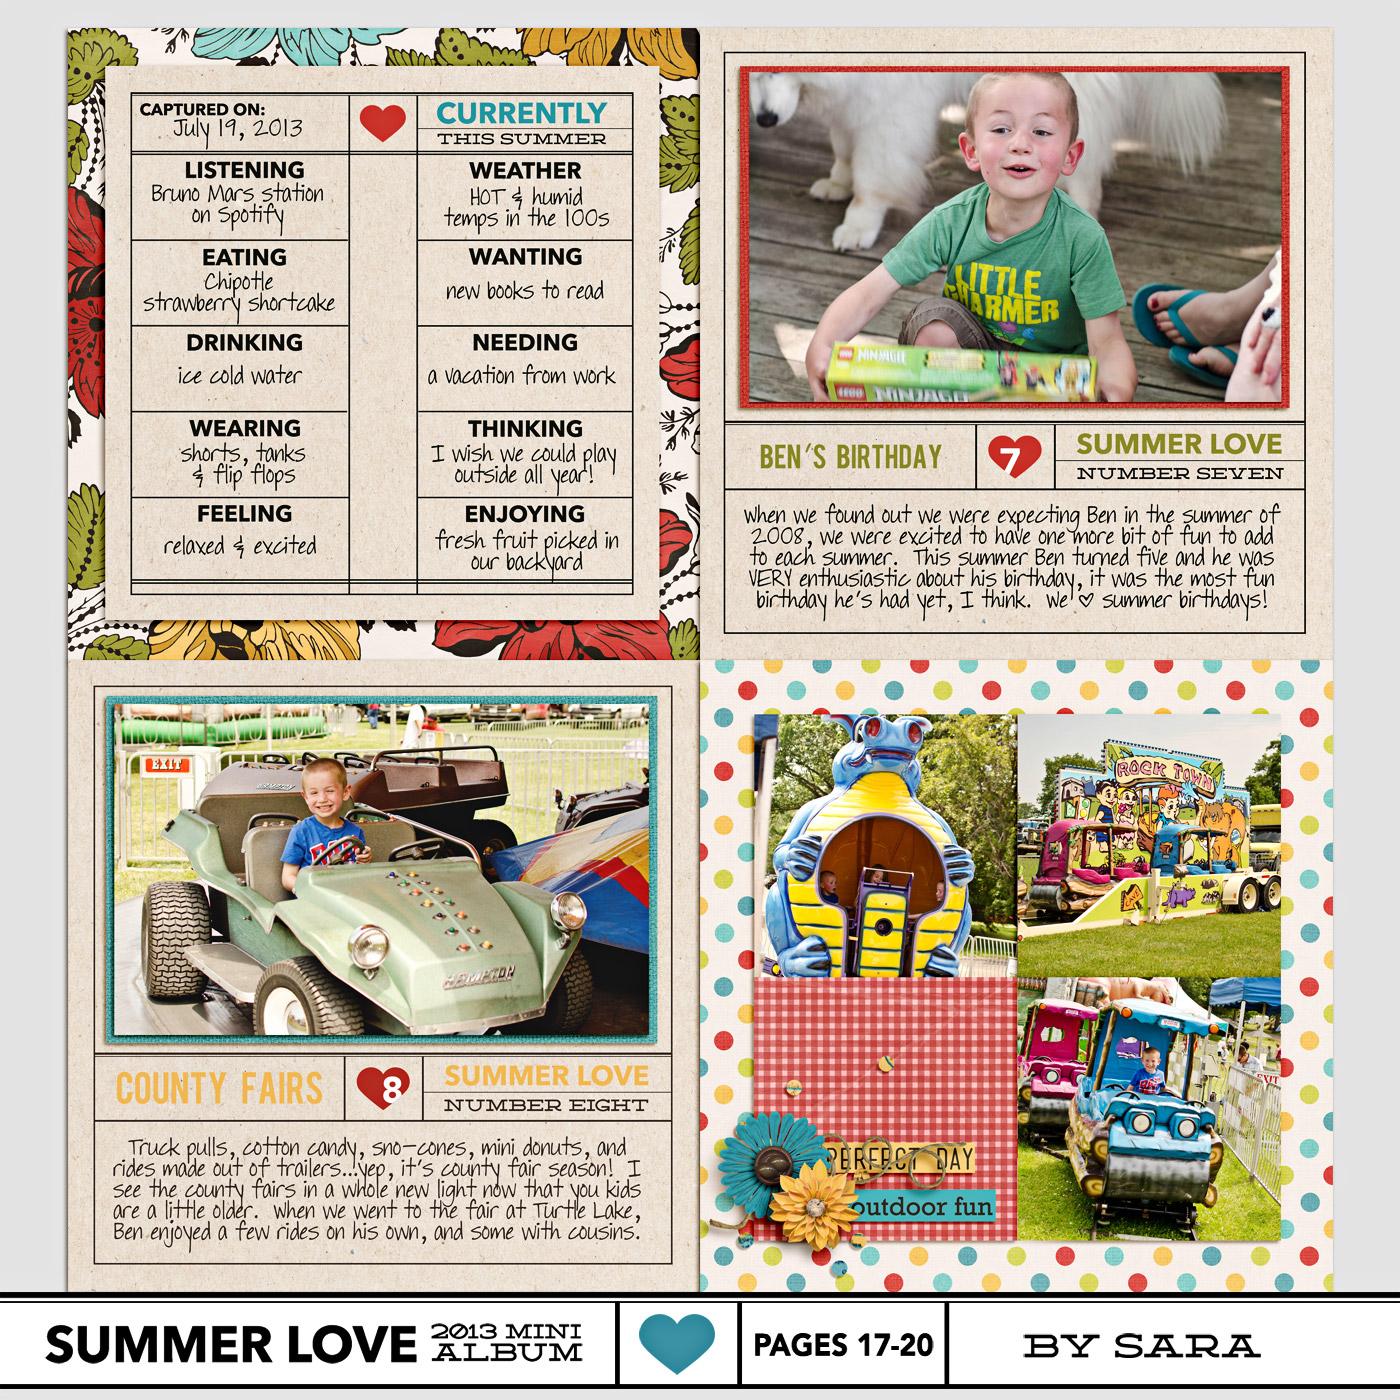 nettiodesigns_SummerLove-pg17-20-sara